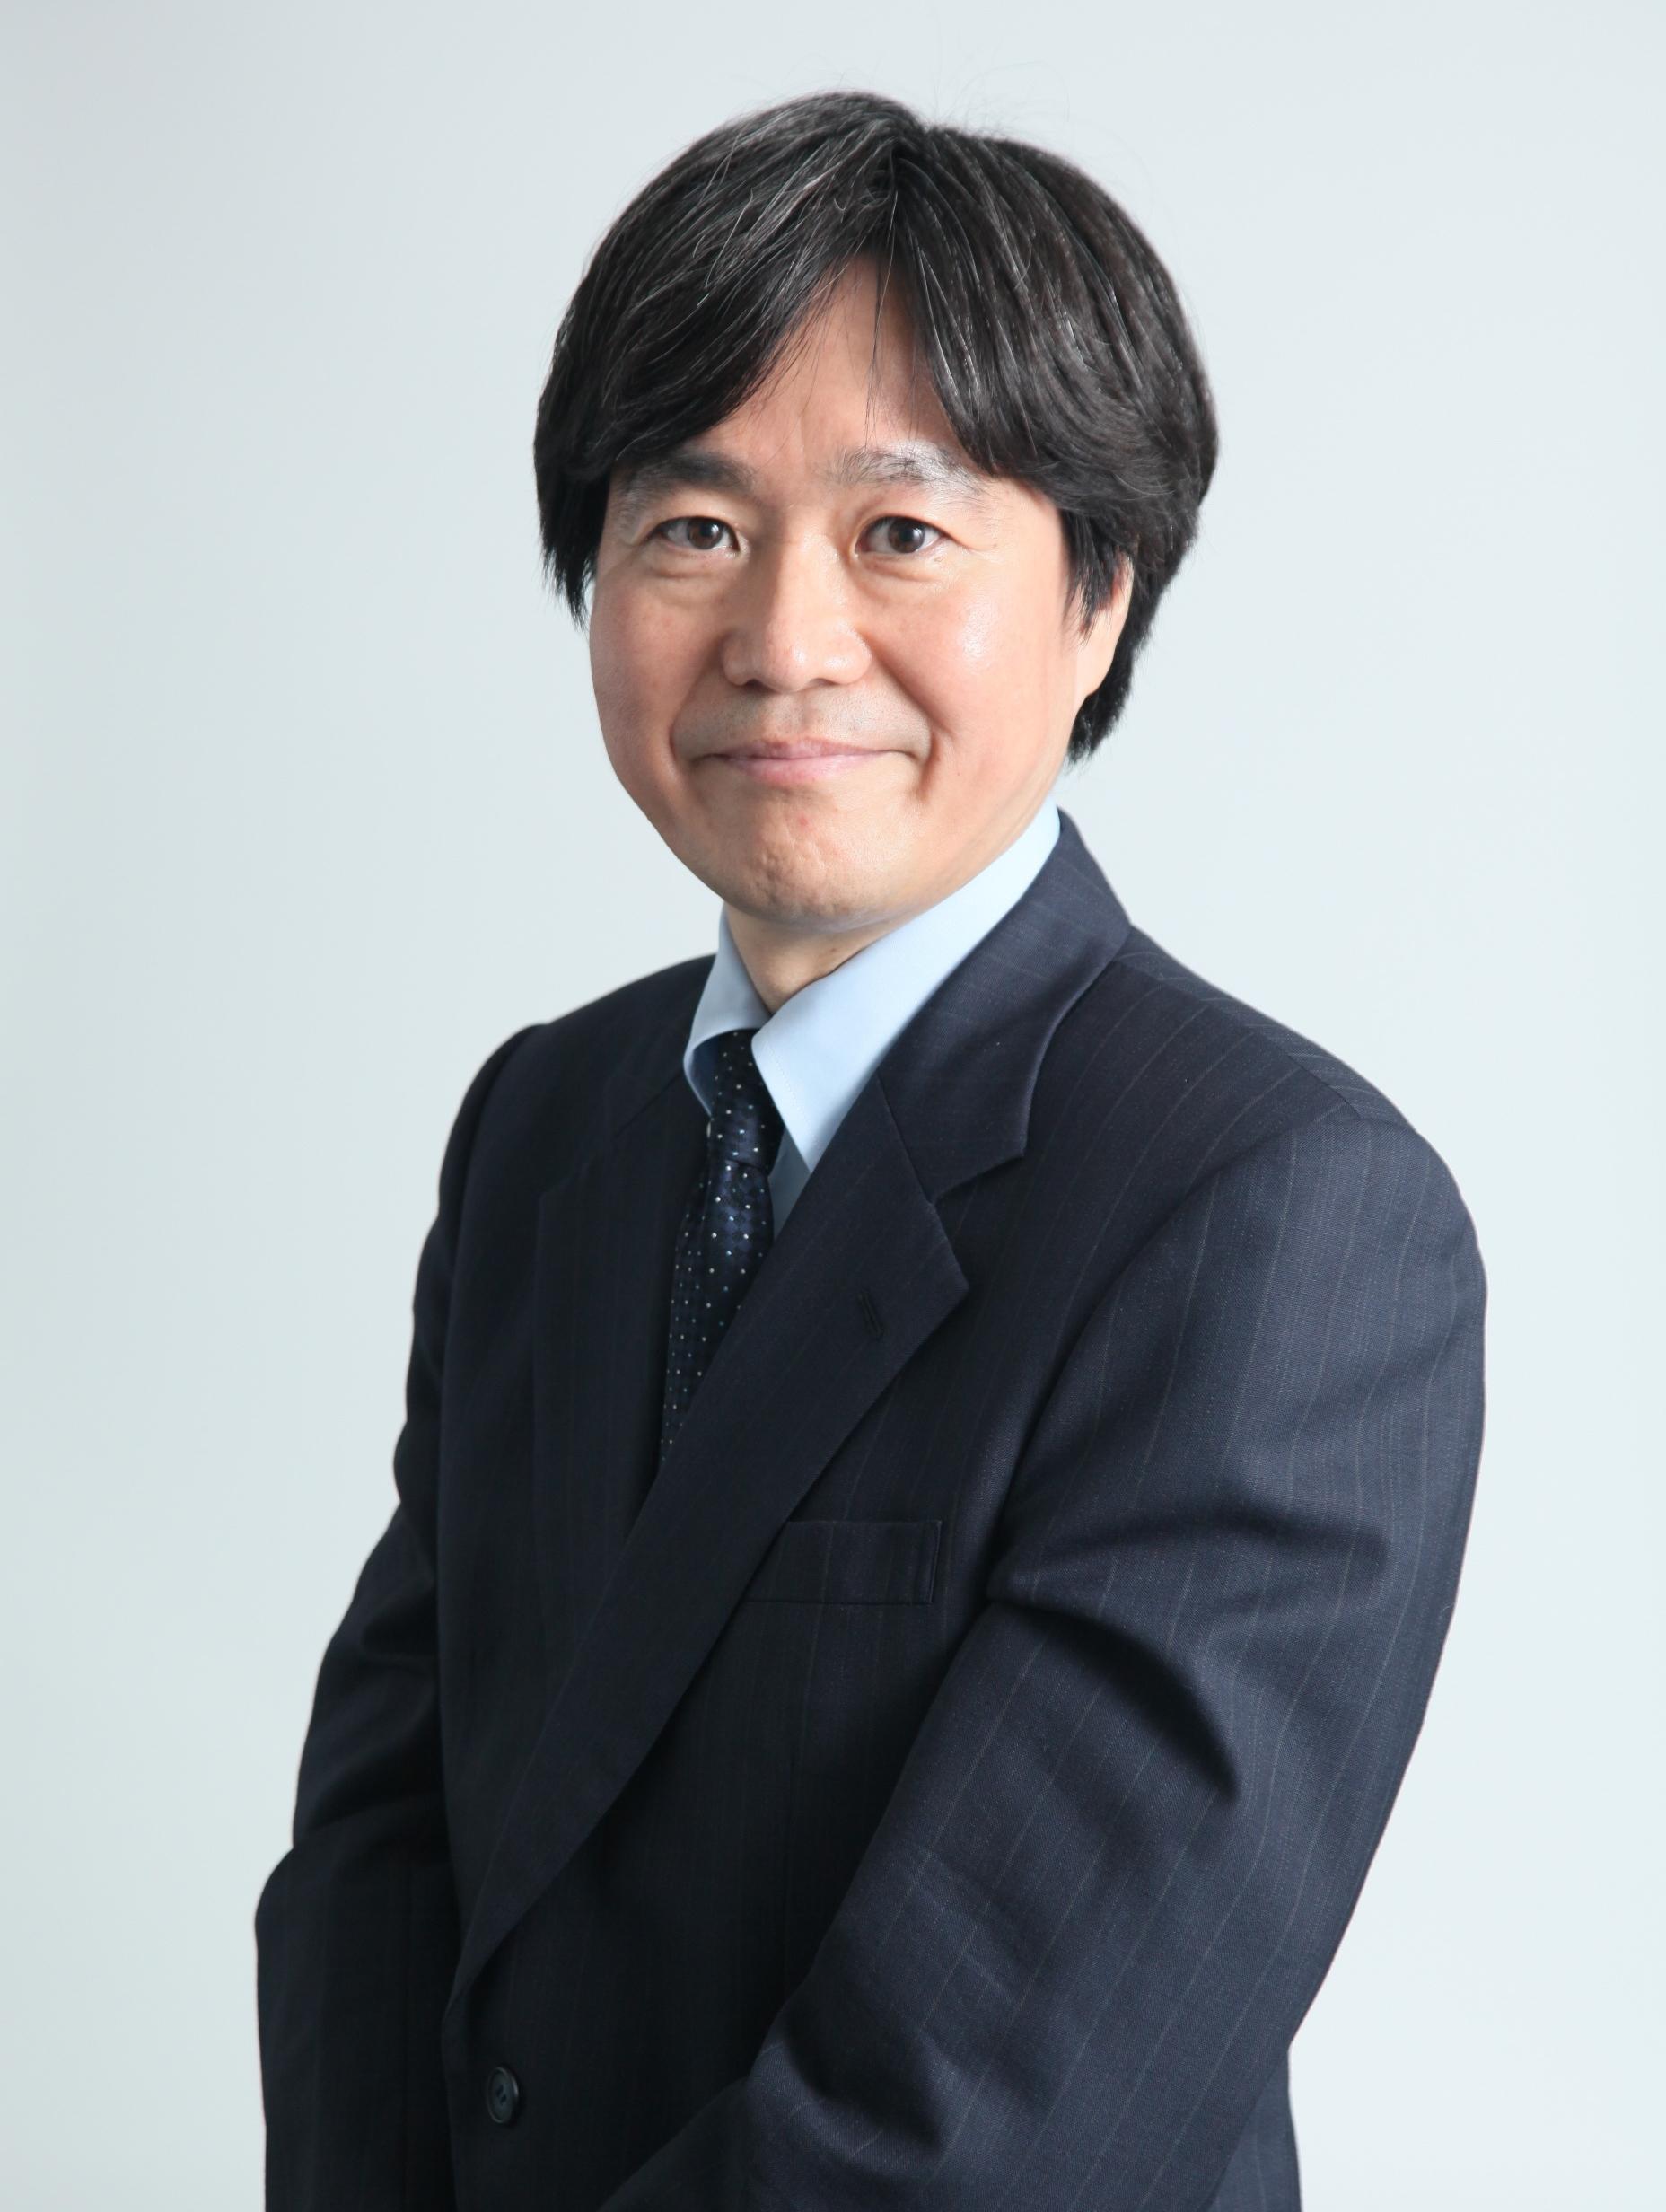 株式会社ジェイフィール 取締役・コンサルタント 重光 直之 氏